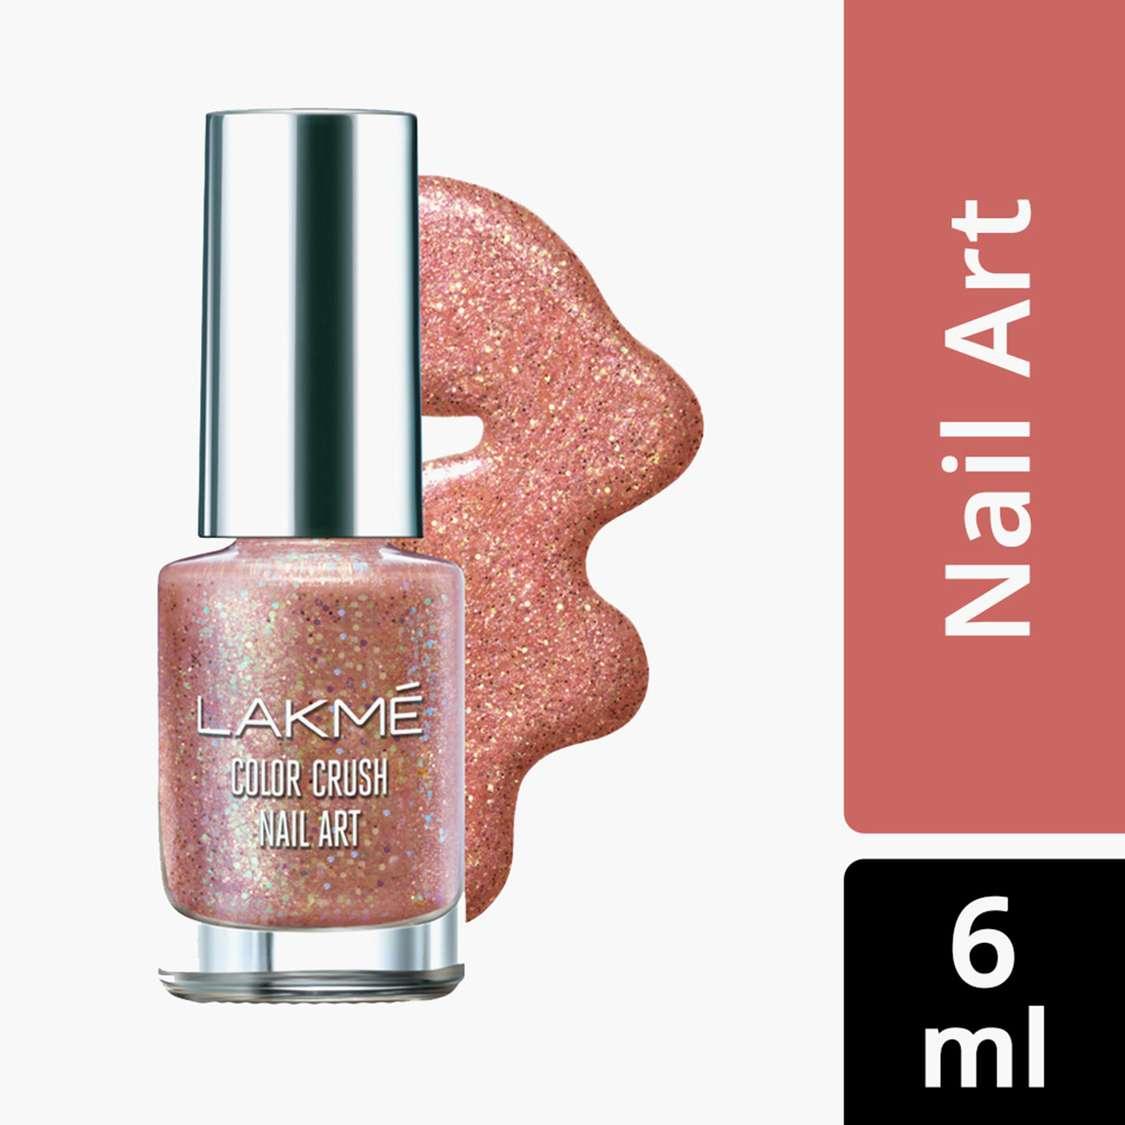 LAKME Color Crush Nail Art jpg